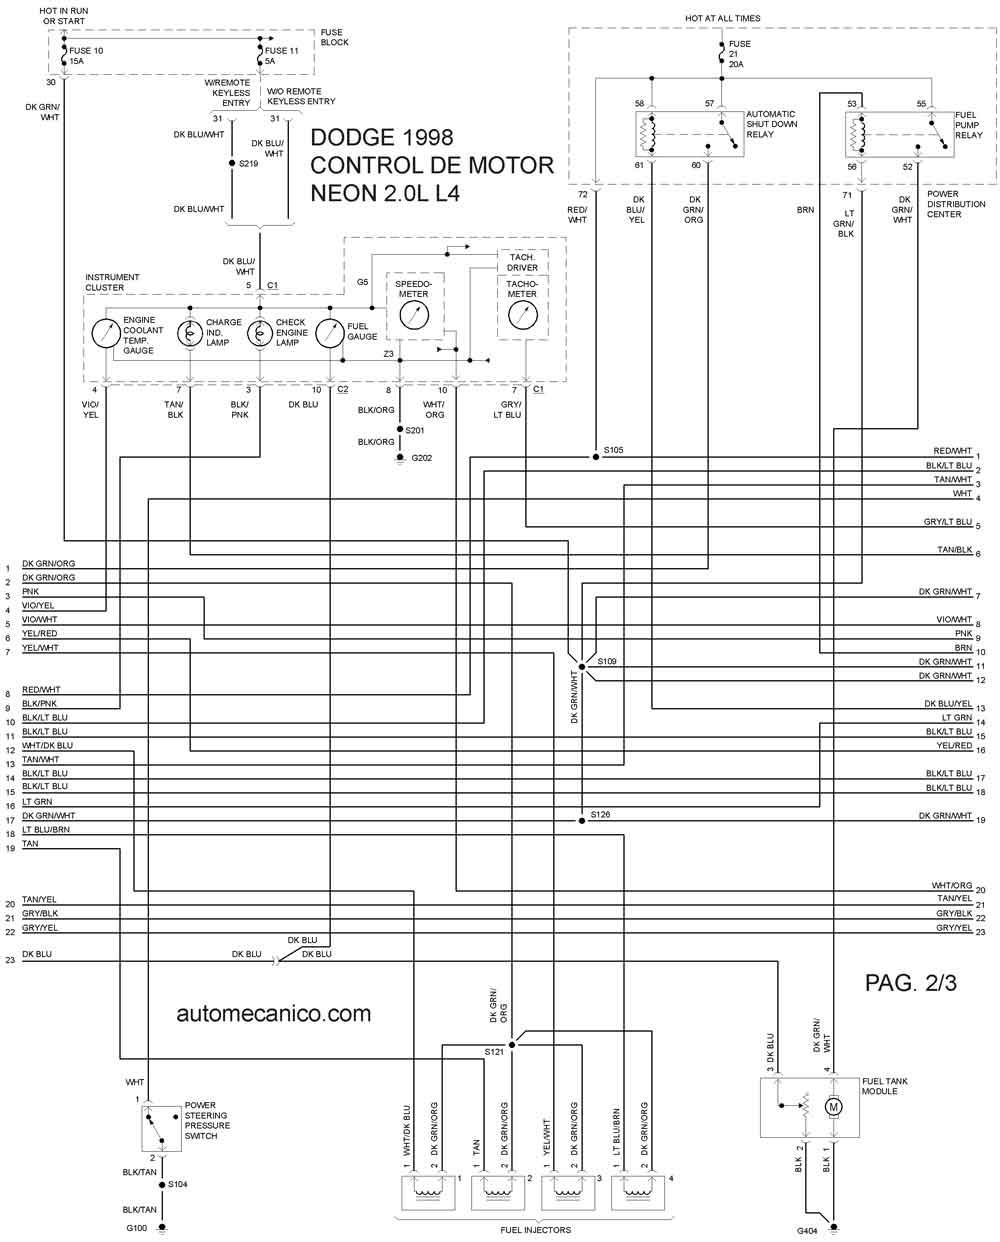 2000 blazer power window wiring diagram